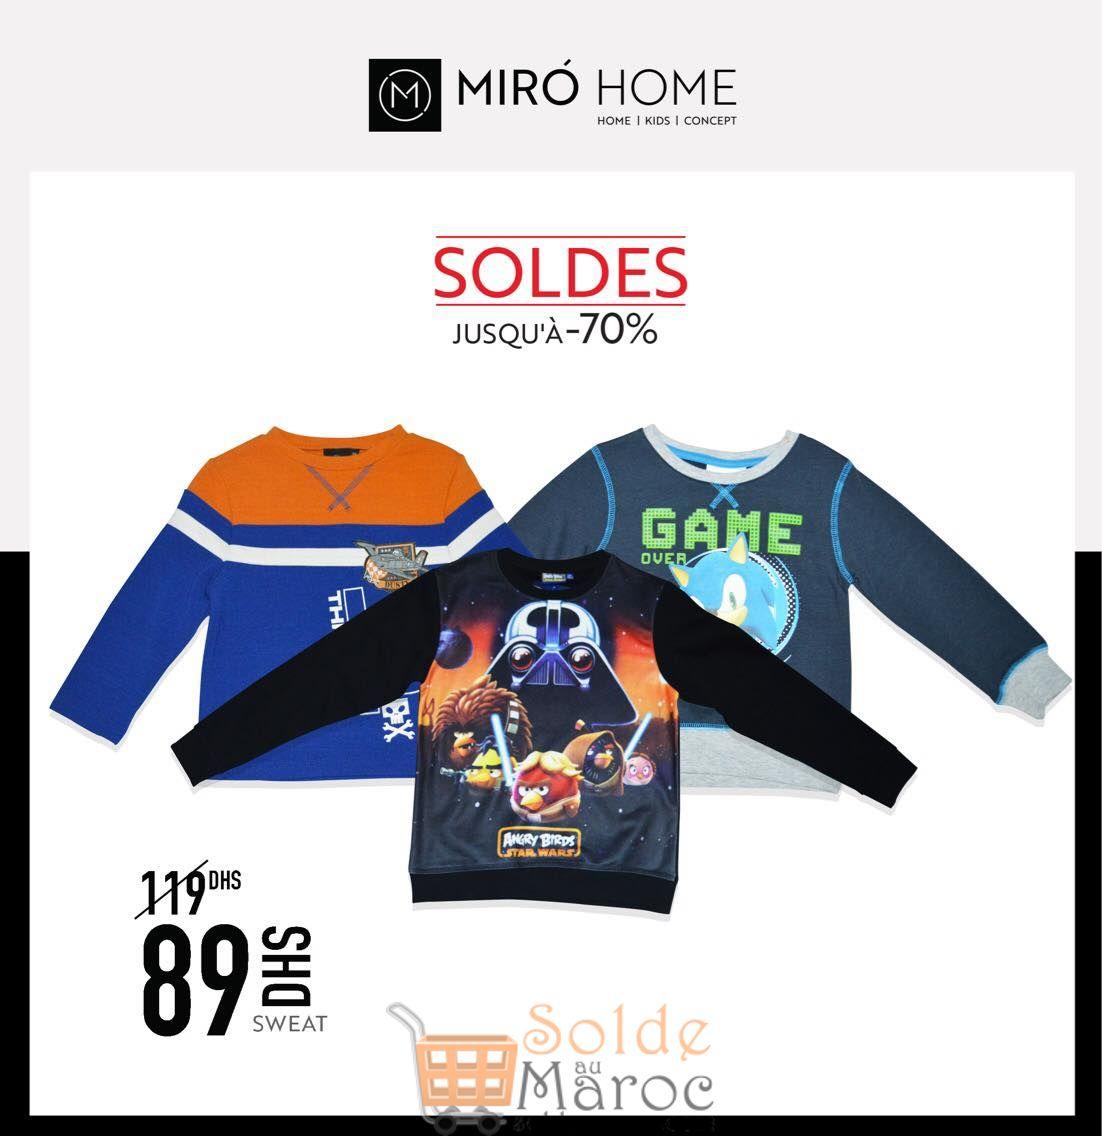 Soldes Miro Home Sweat Garçon 89Dhs au lieu de 119Dhs